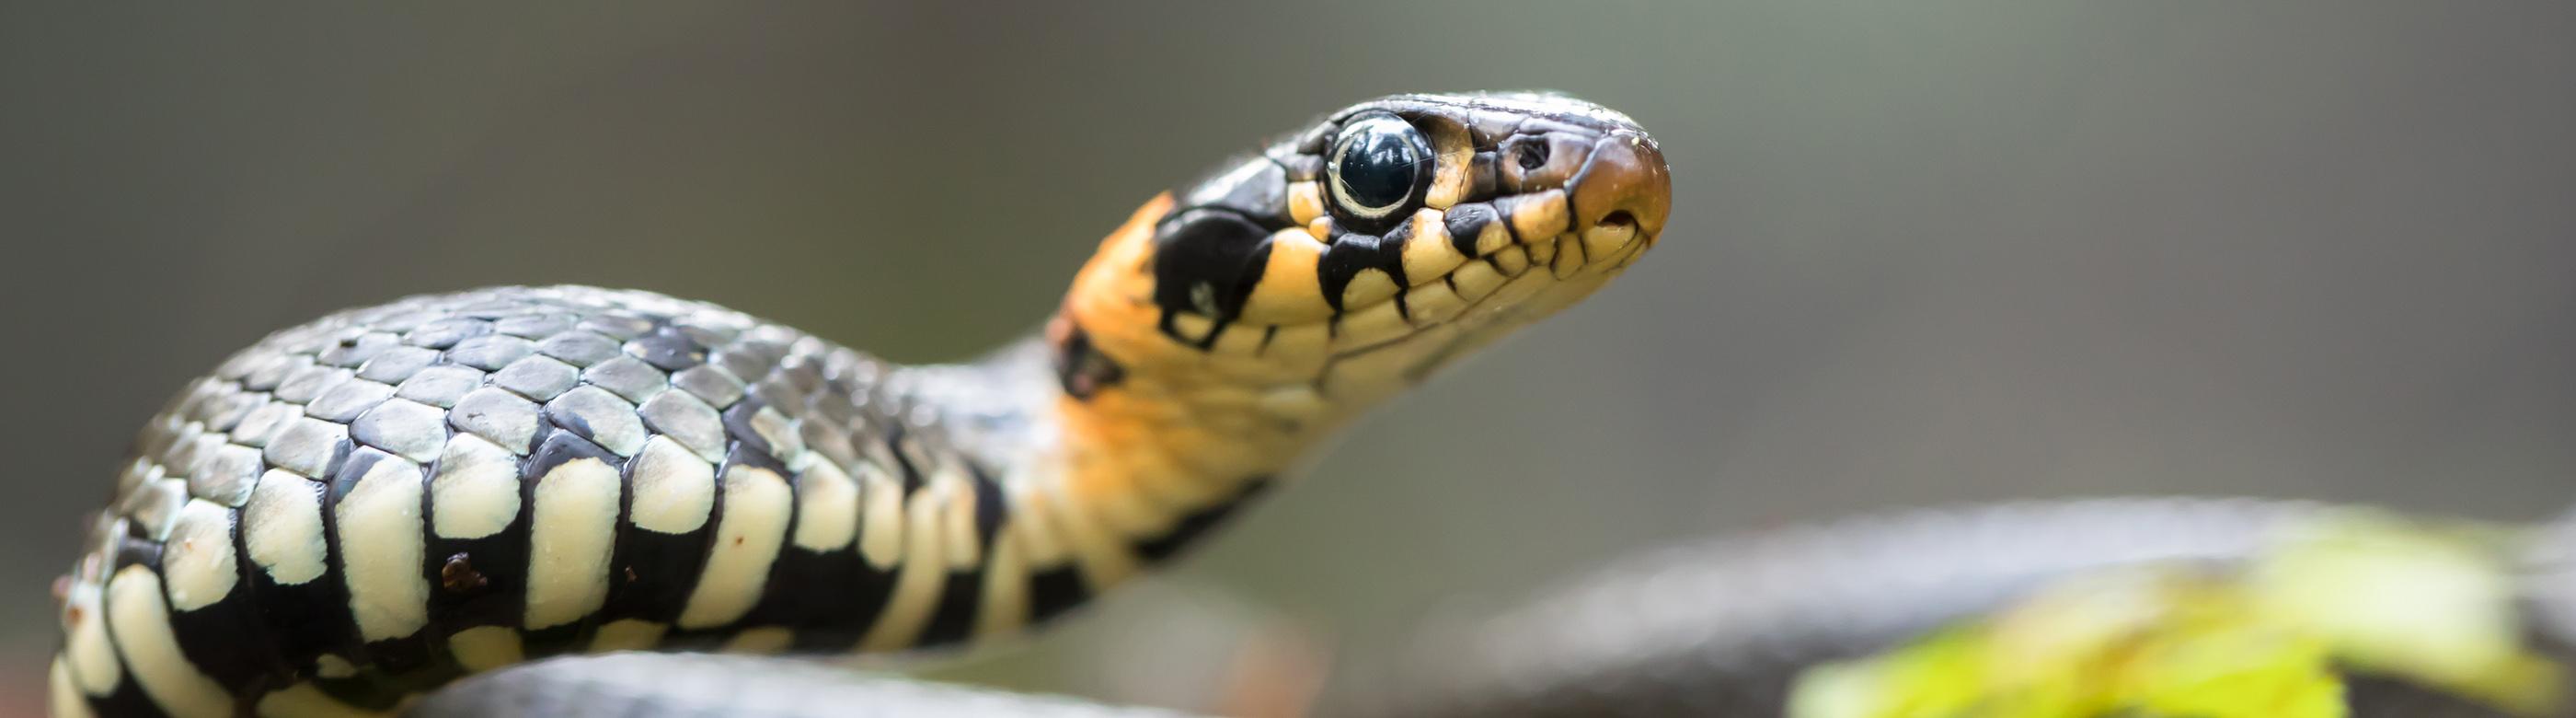 <p>Beim Ausbau der S 11 sollen geschützte Tierarten bestmöglich geschont werden. Aber welche Tierarten gibt es dort überhaupt? Wir gehen auf Expedition mit einem Reptilien-Experten – und werden fündig.</p>